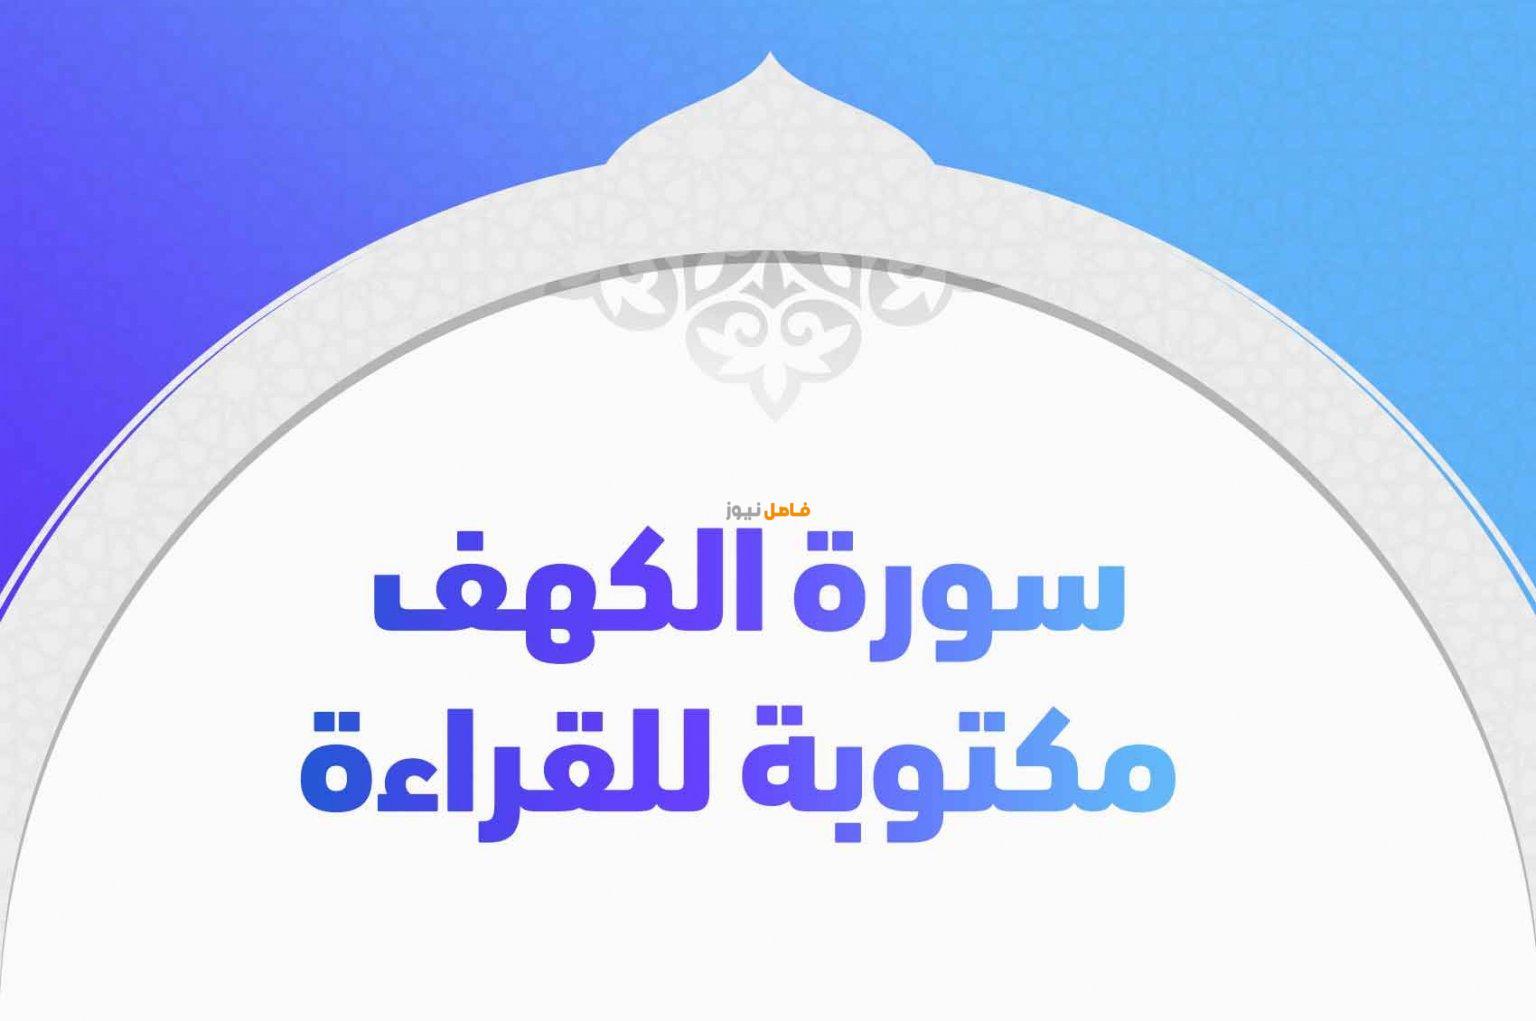 سورة الكهف مكتوبة كاملة بالتشكيل للقراءة فاصل نيوز الإخباري